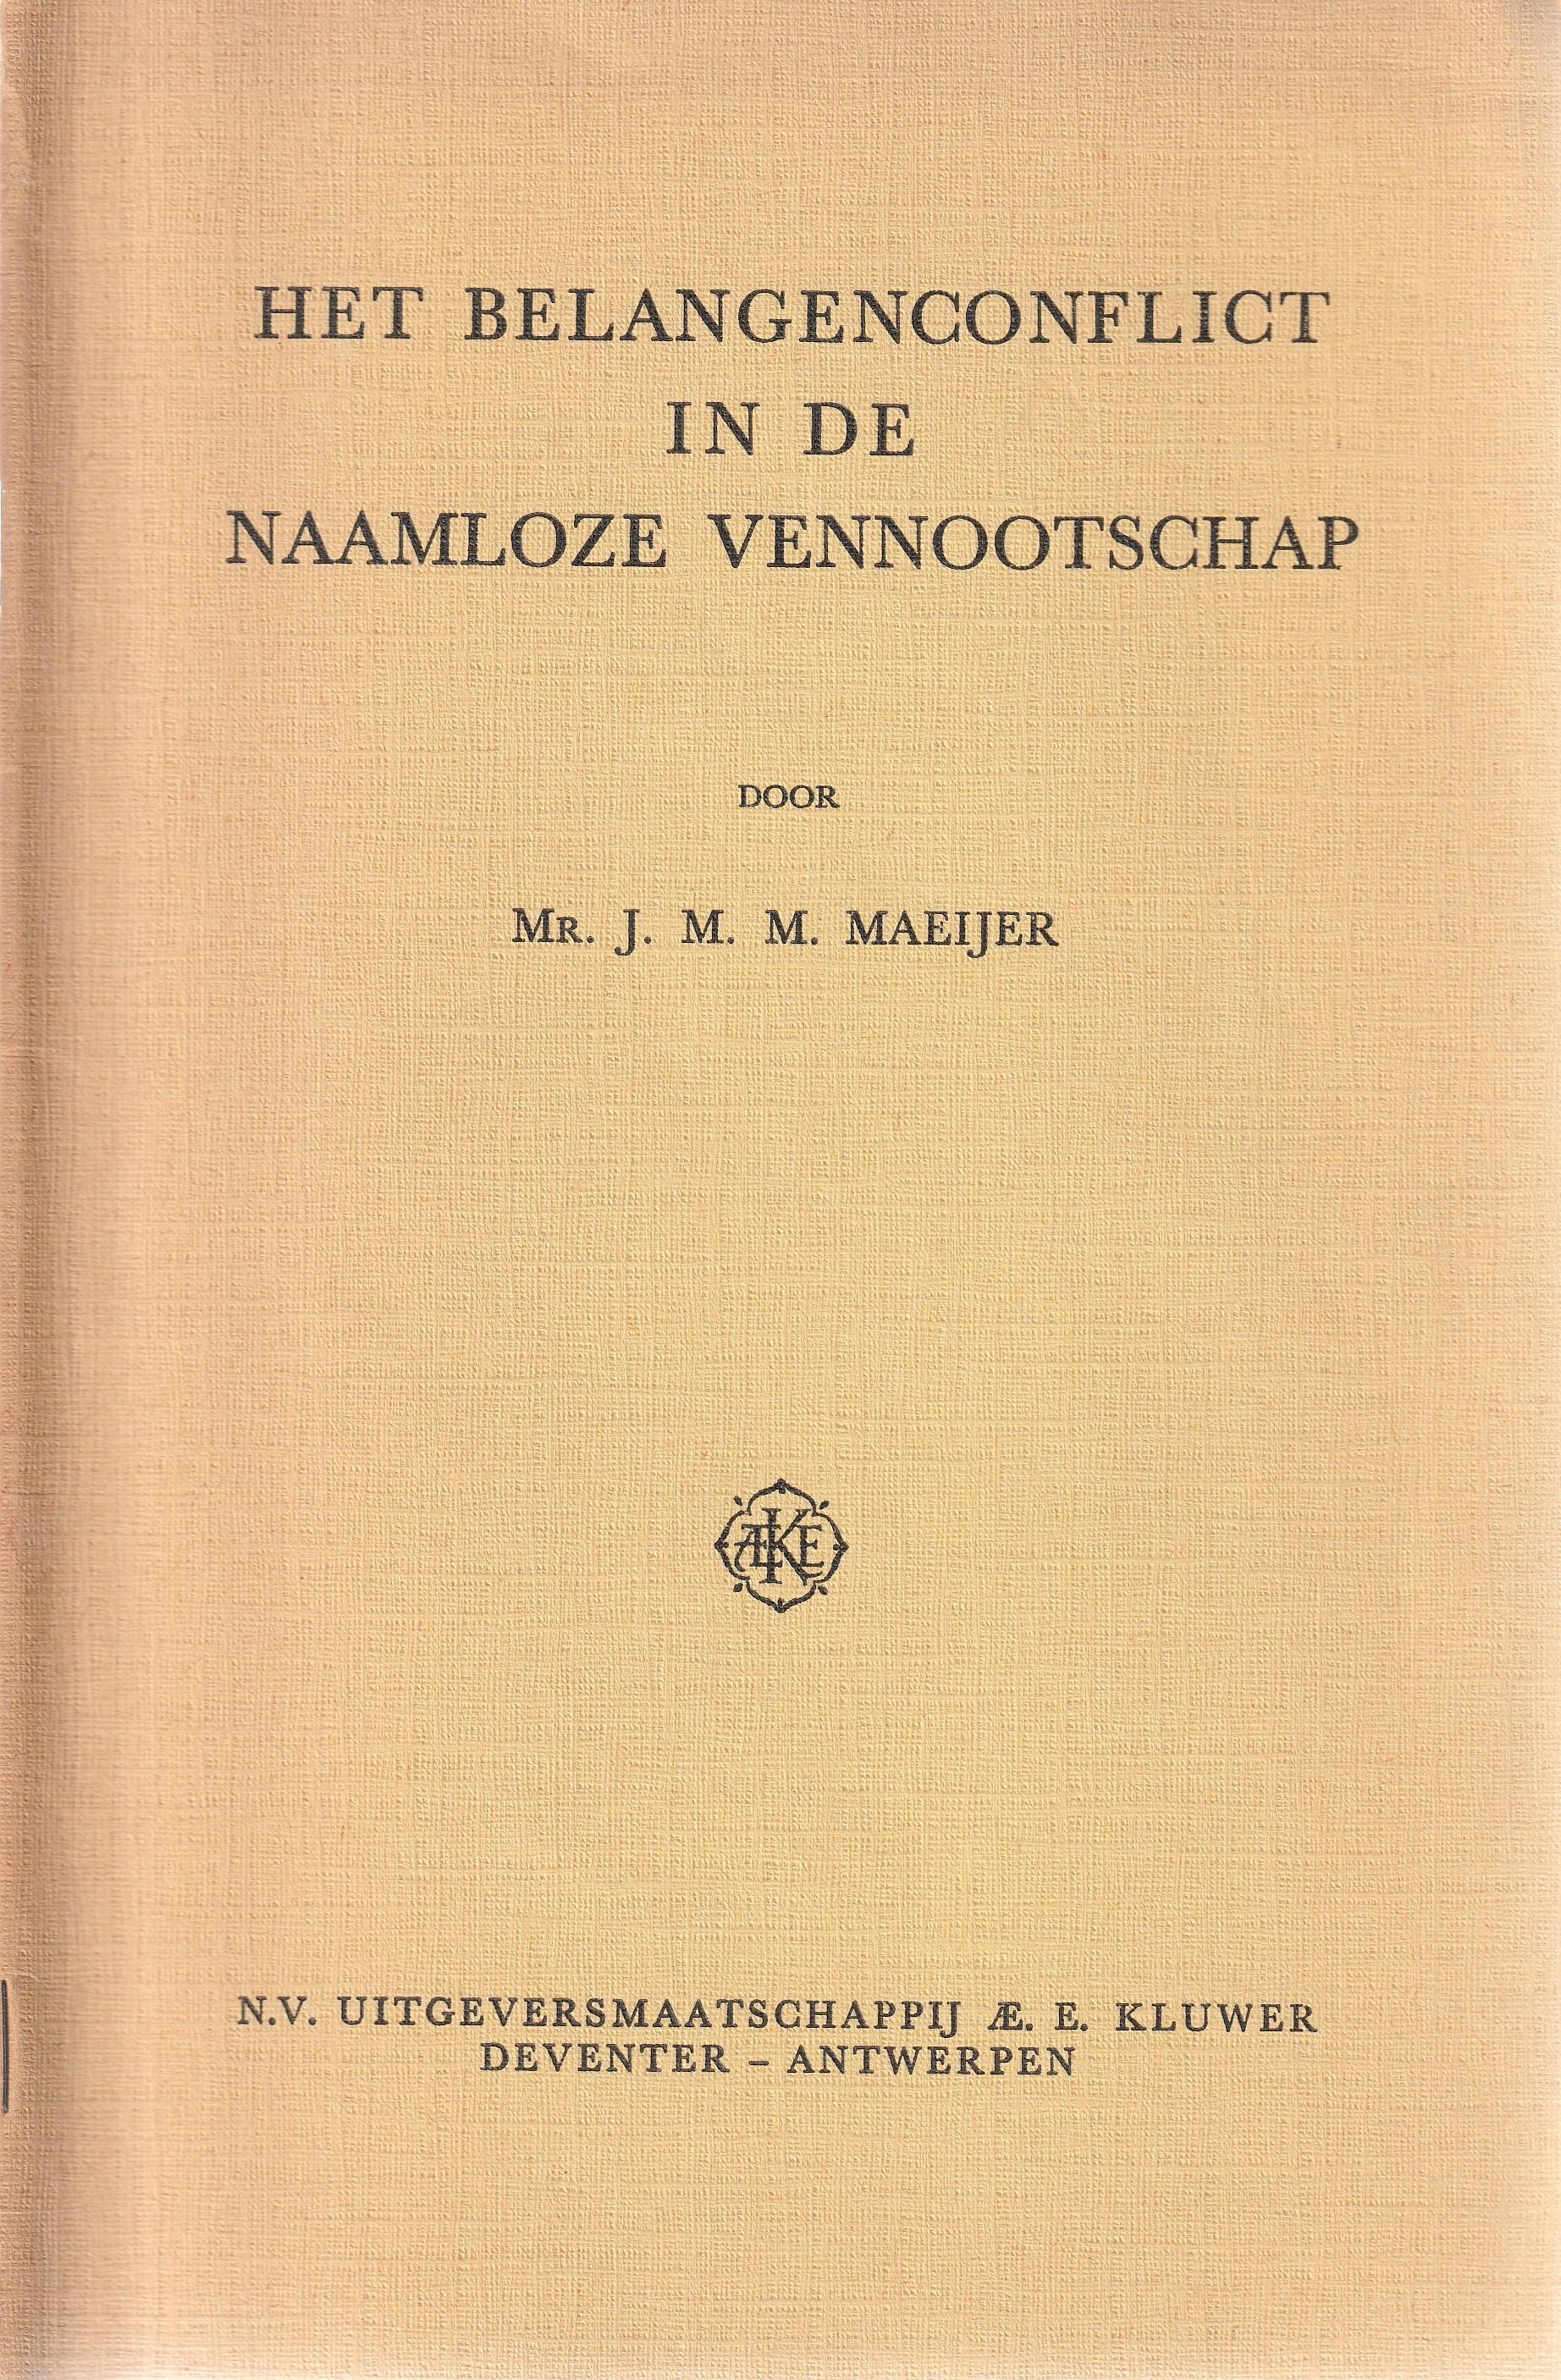 Het belangenconflict in de naamloze vennootschap - Rede 1964